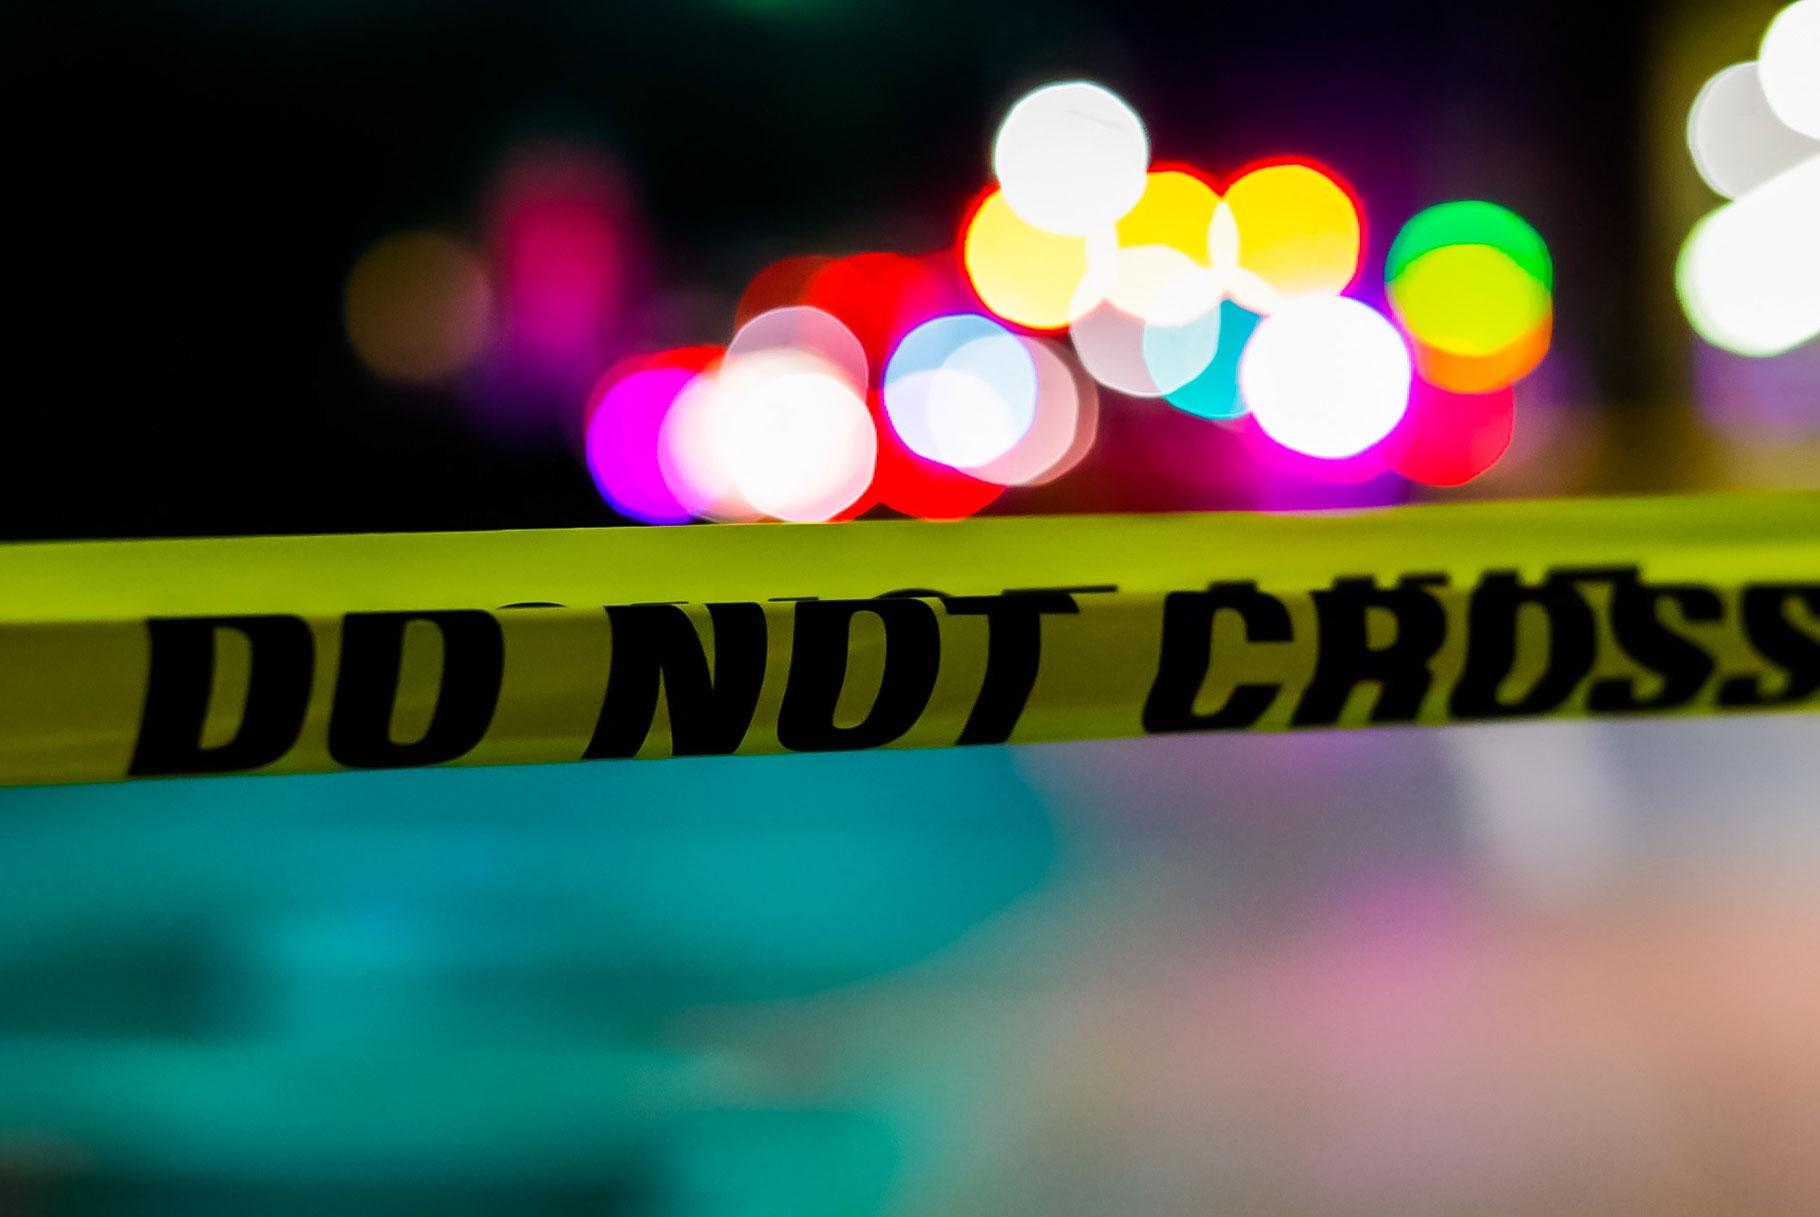 Lelaki Dugaan Membunuh Diri Dan 6 Orang Lain Dalam Pembunuhan-Pembunuhan di Bandar Kecil 'Tidak Dapat Dibayangkan'